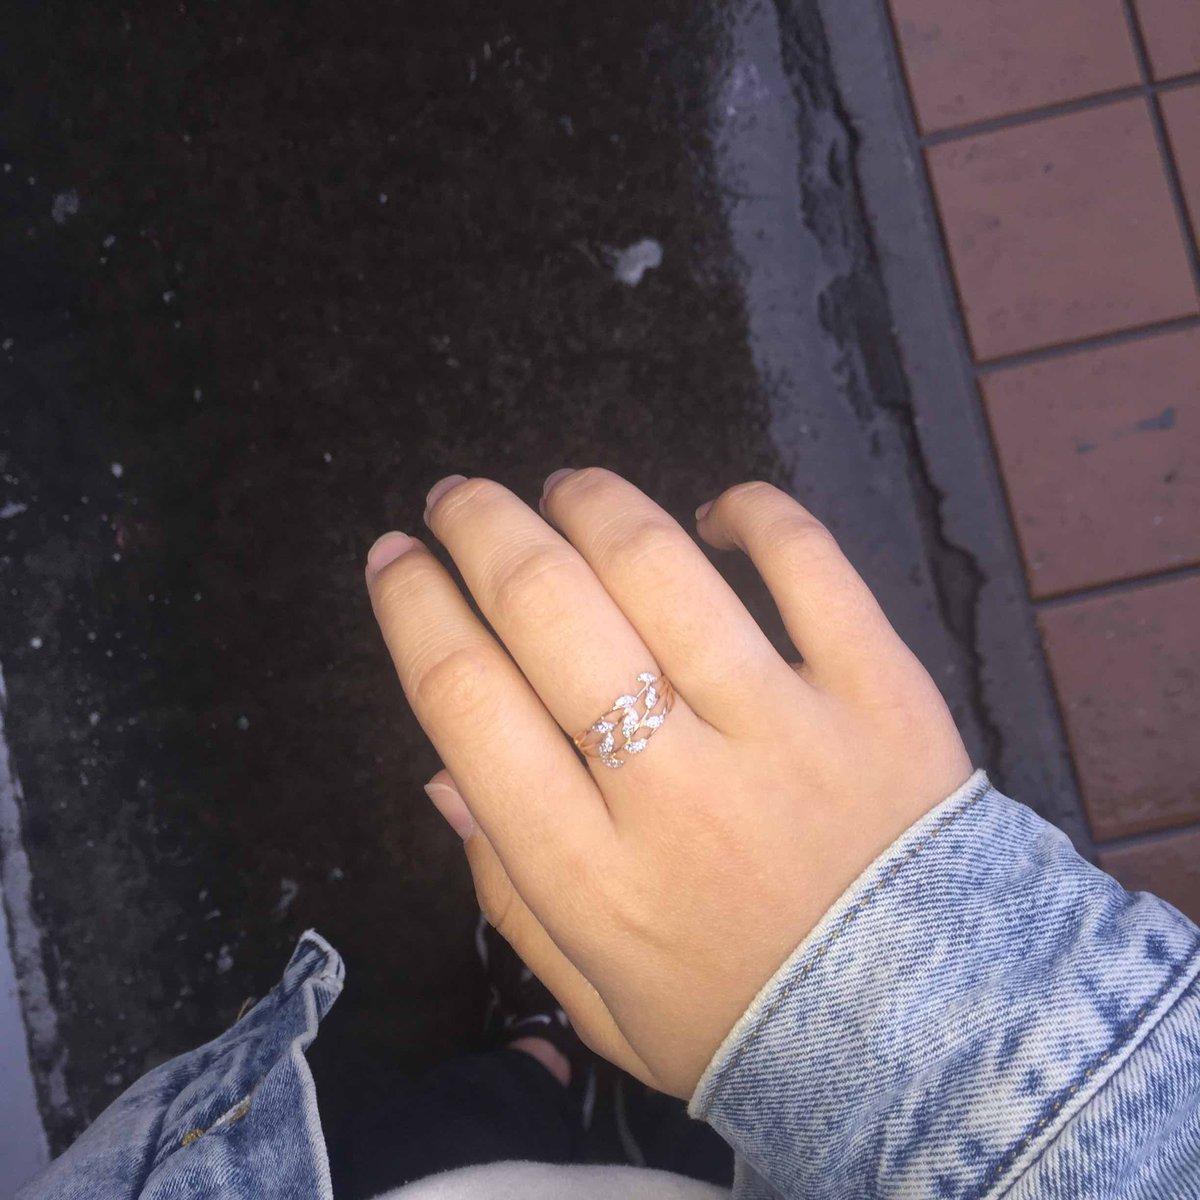 Подарили на день рождения кольцо